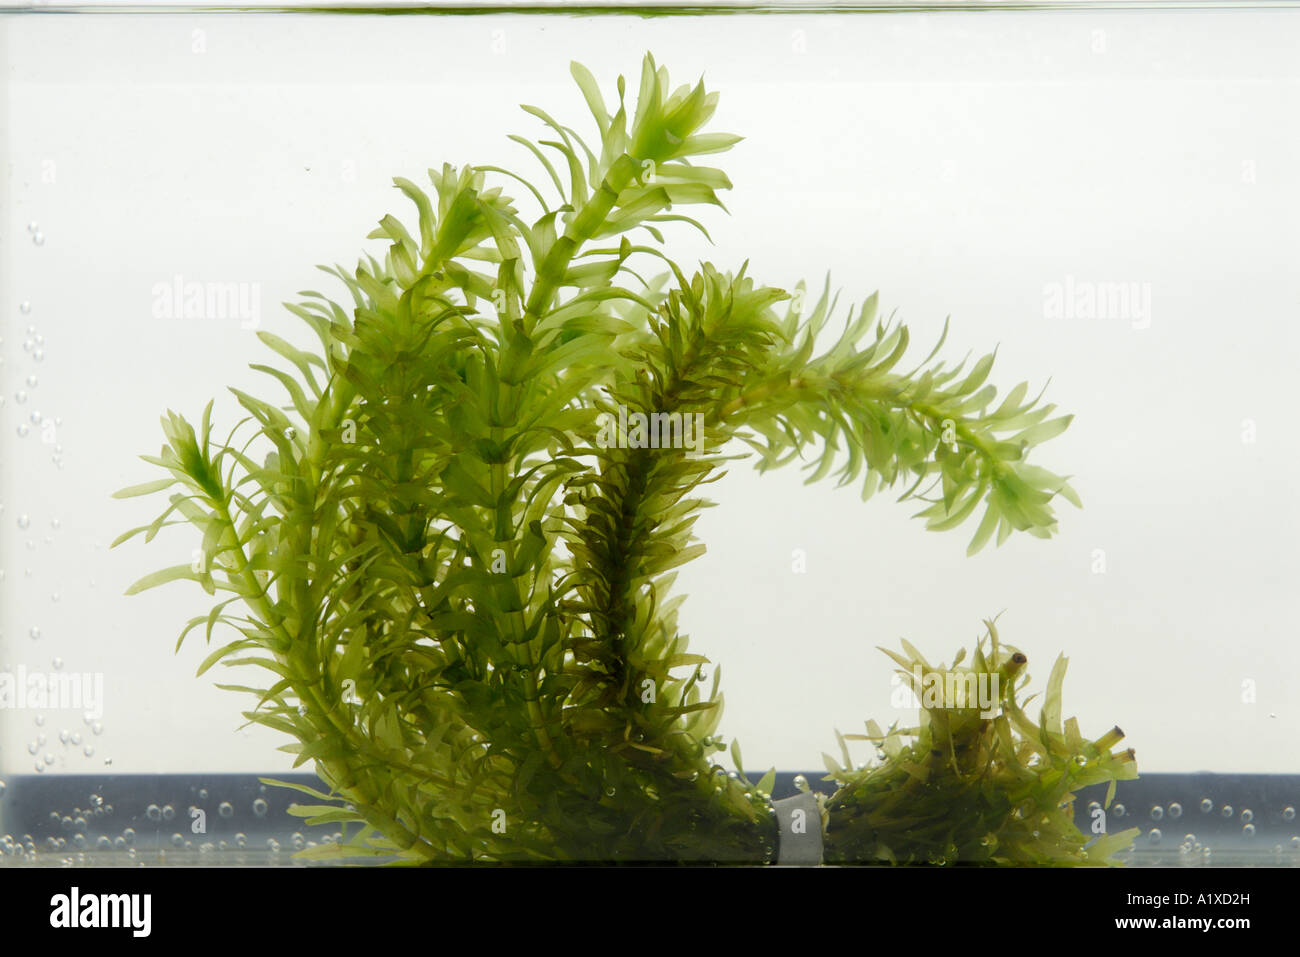 Aquatic plant, Elodea - Stock Image